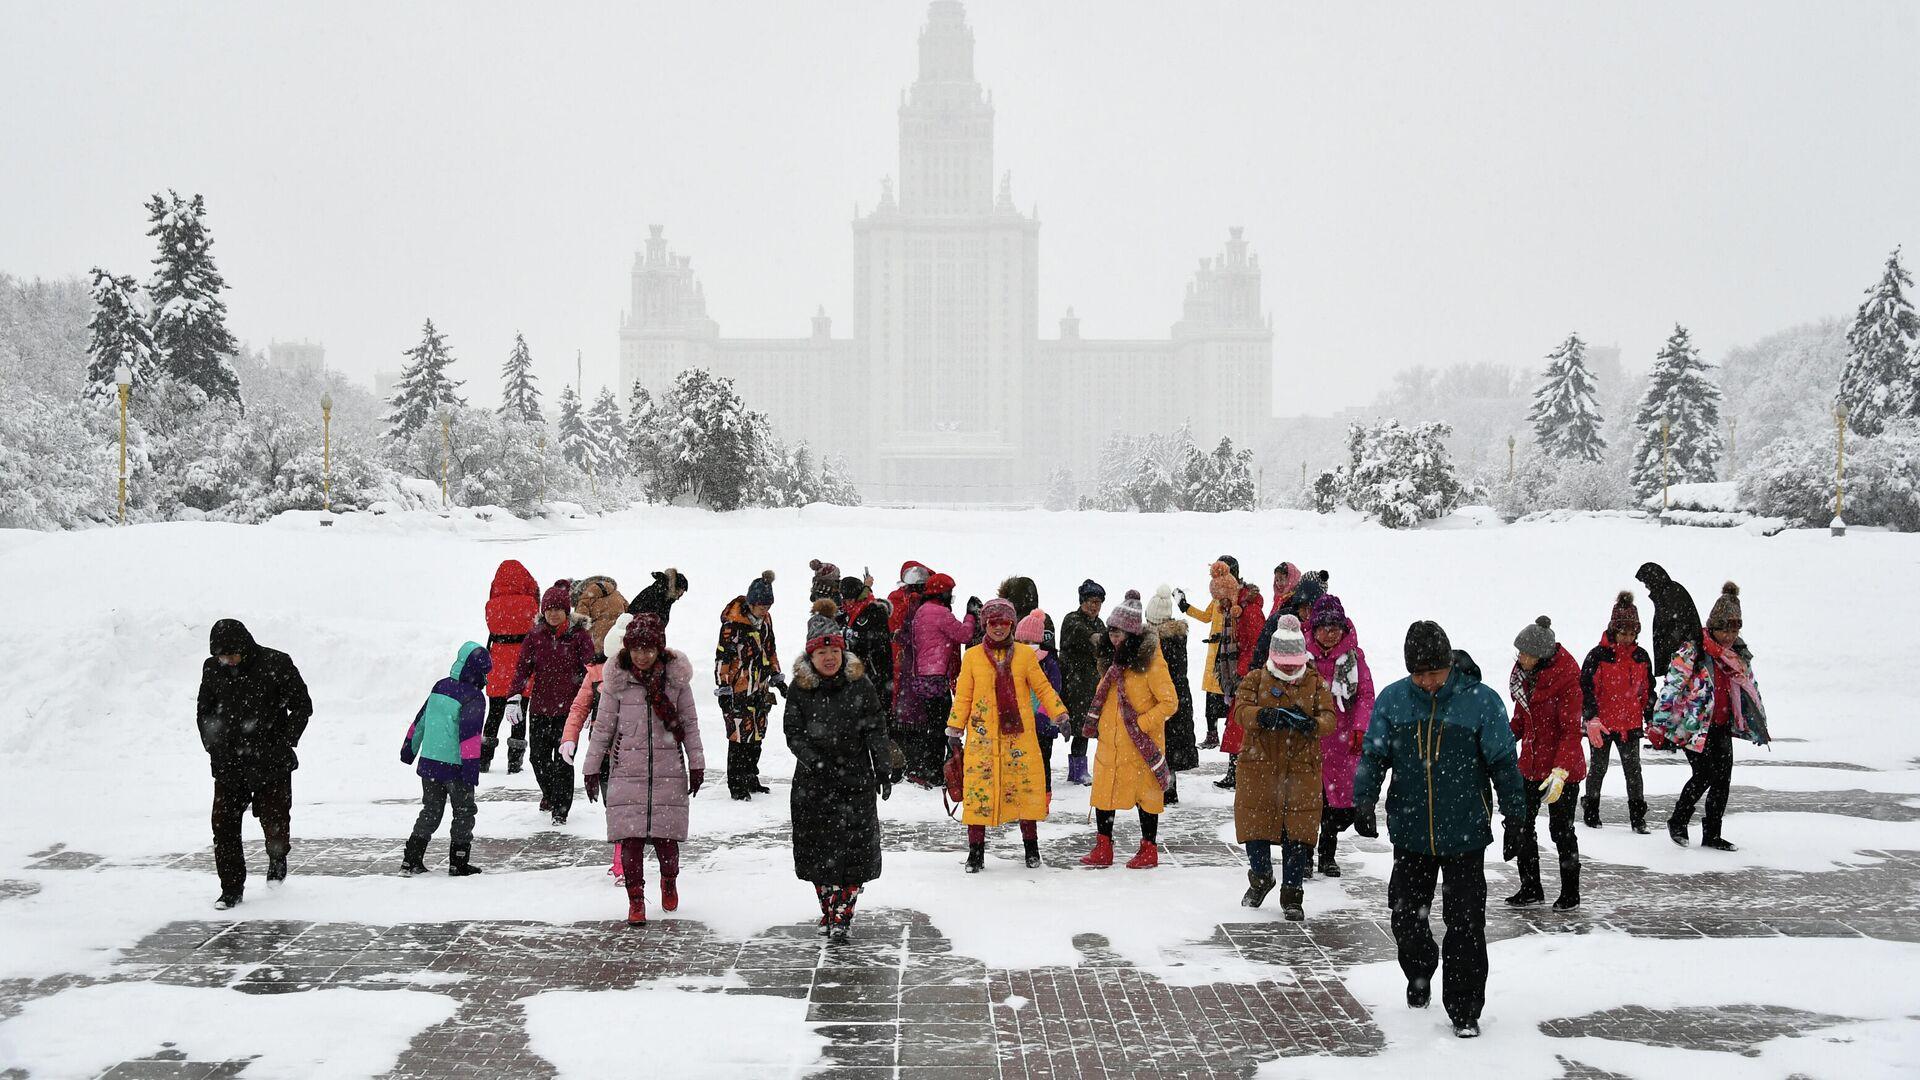 Туристы на Аллее ученых возле смотровой площадки Воробьевых гор во время снегопада - РИА Новости, 1920, 14.12.2020